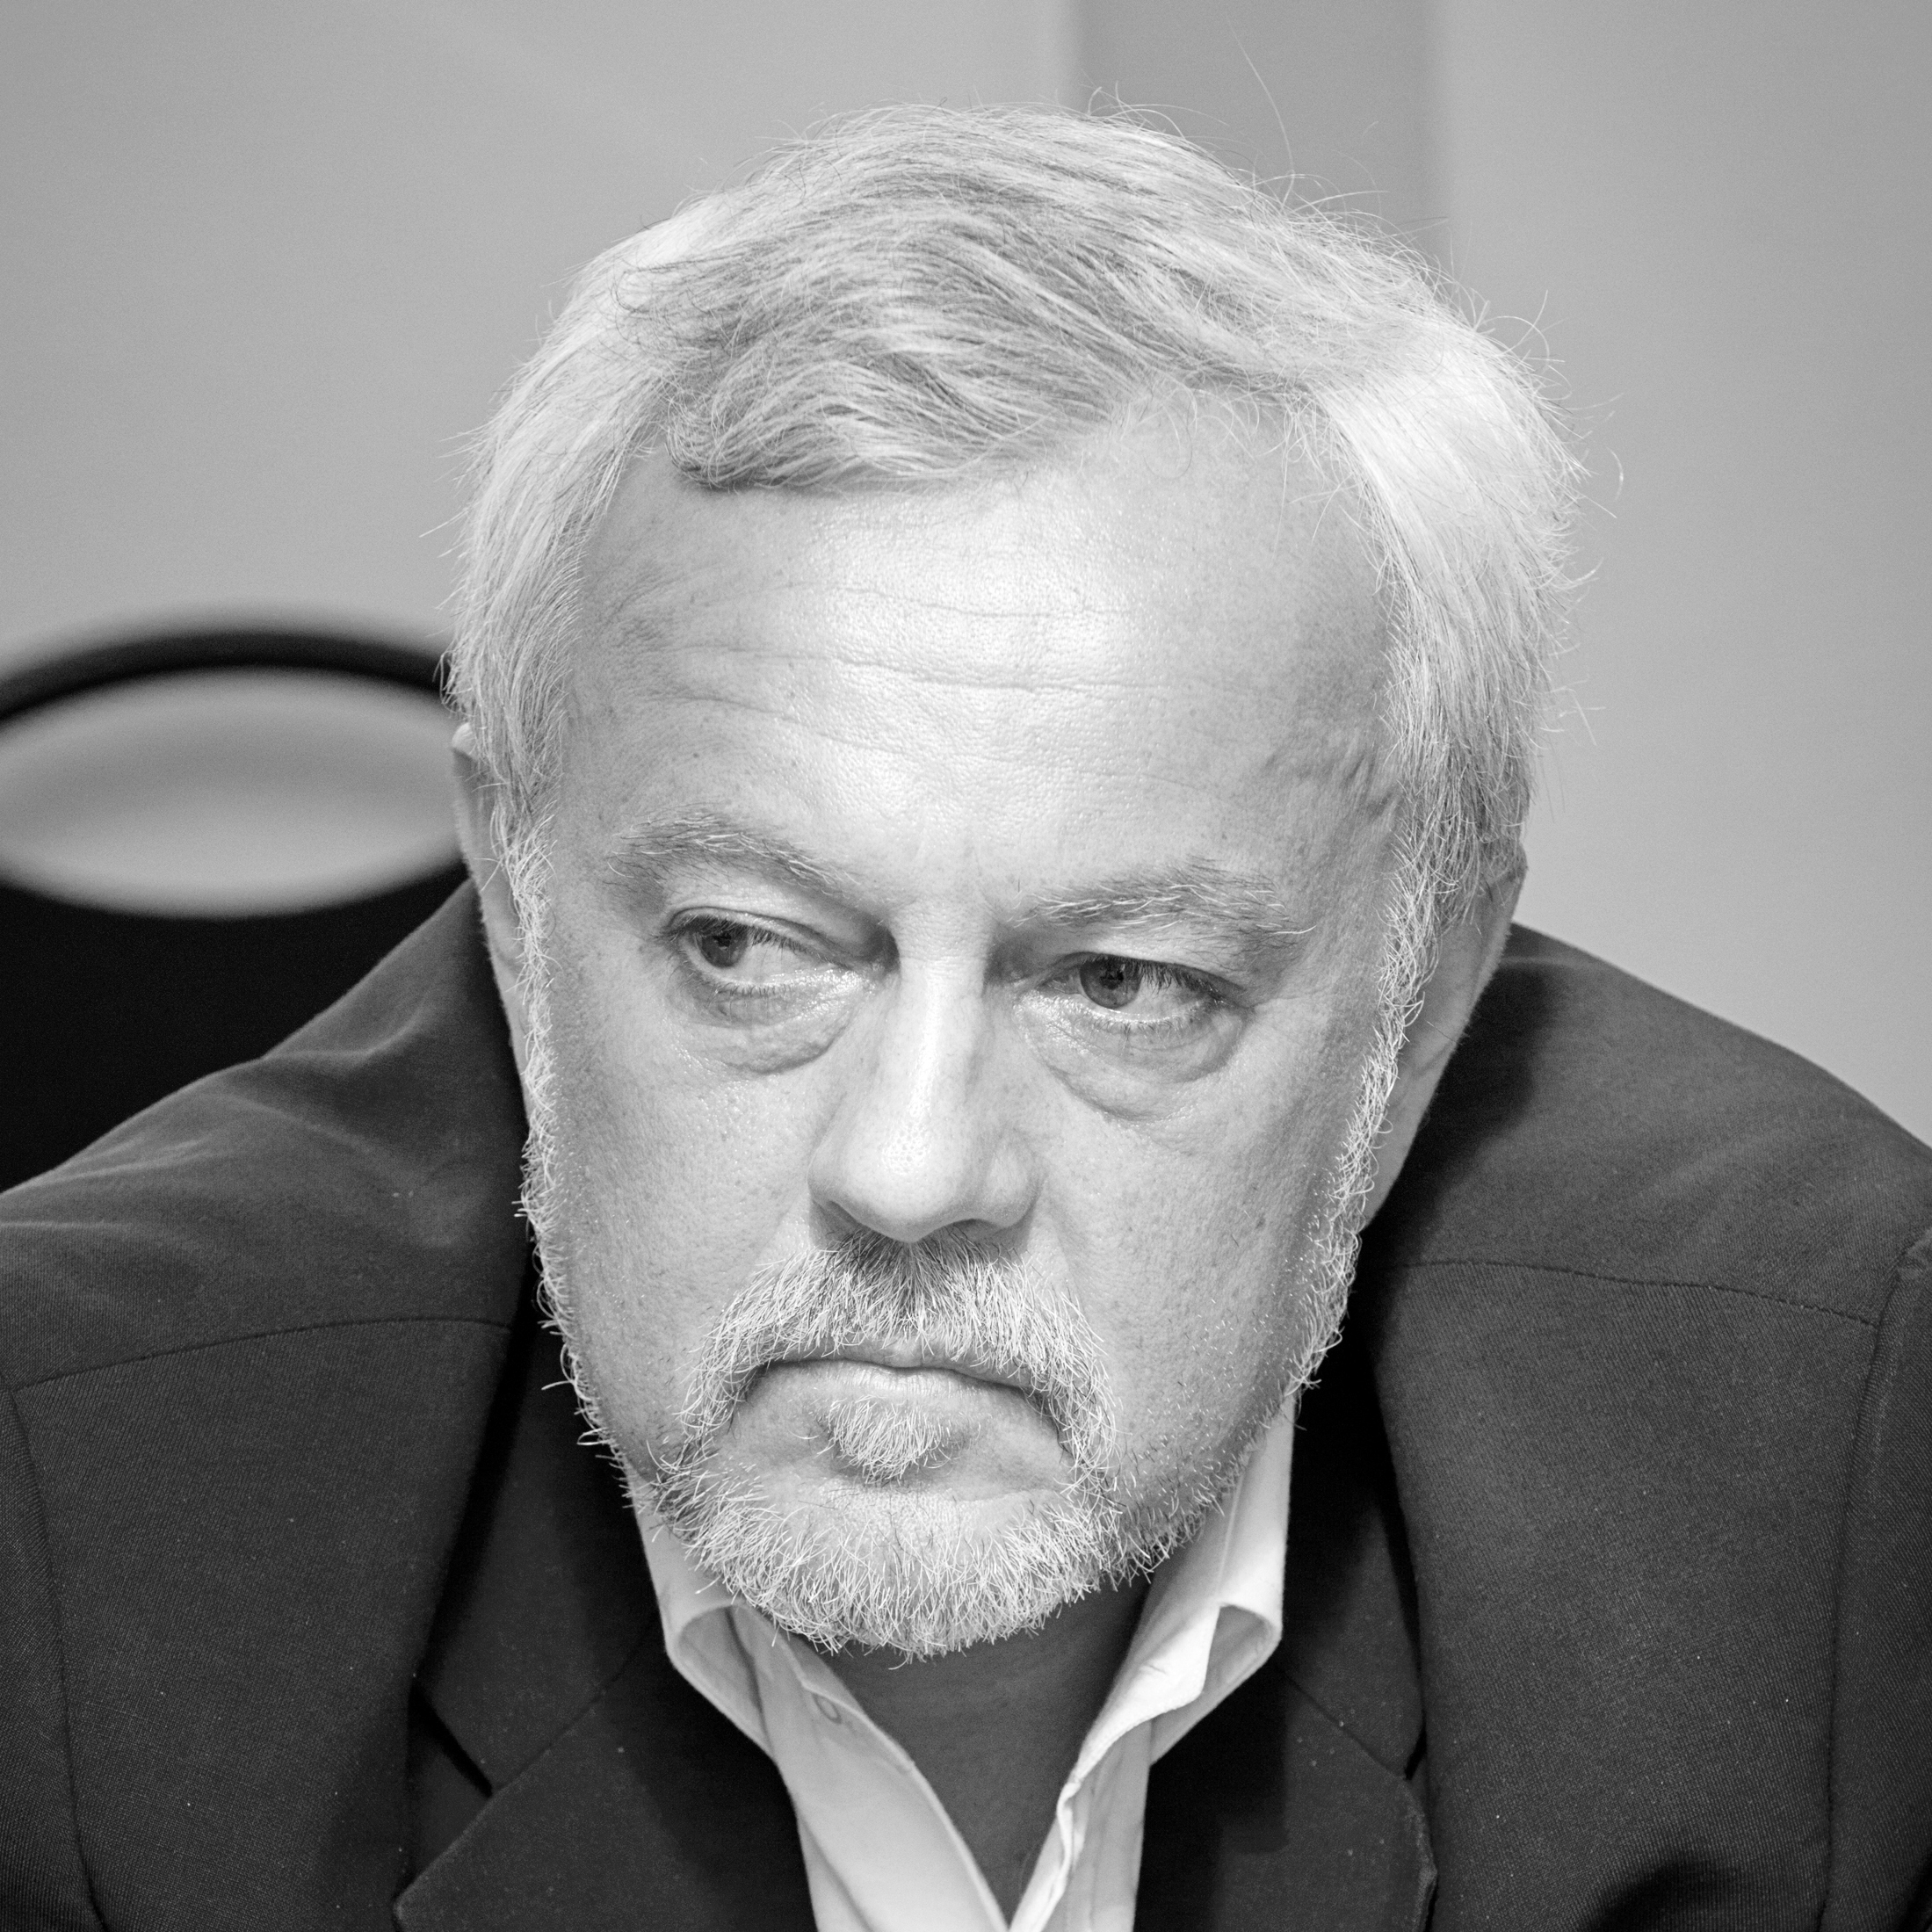 Alexander Puzanov